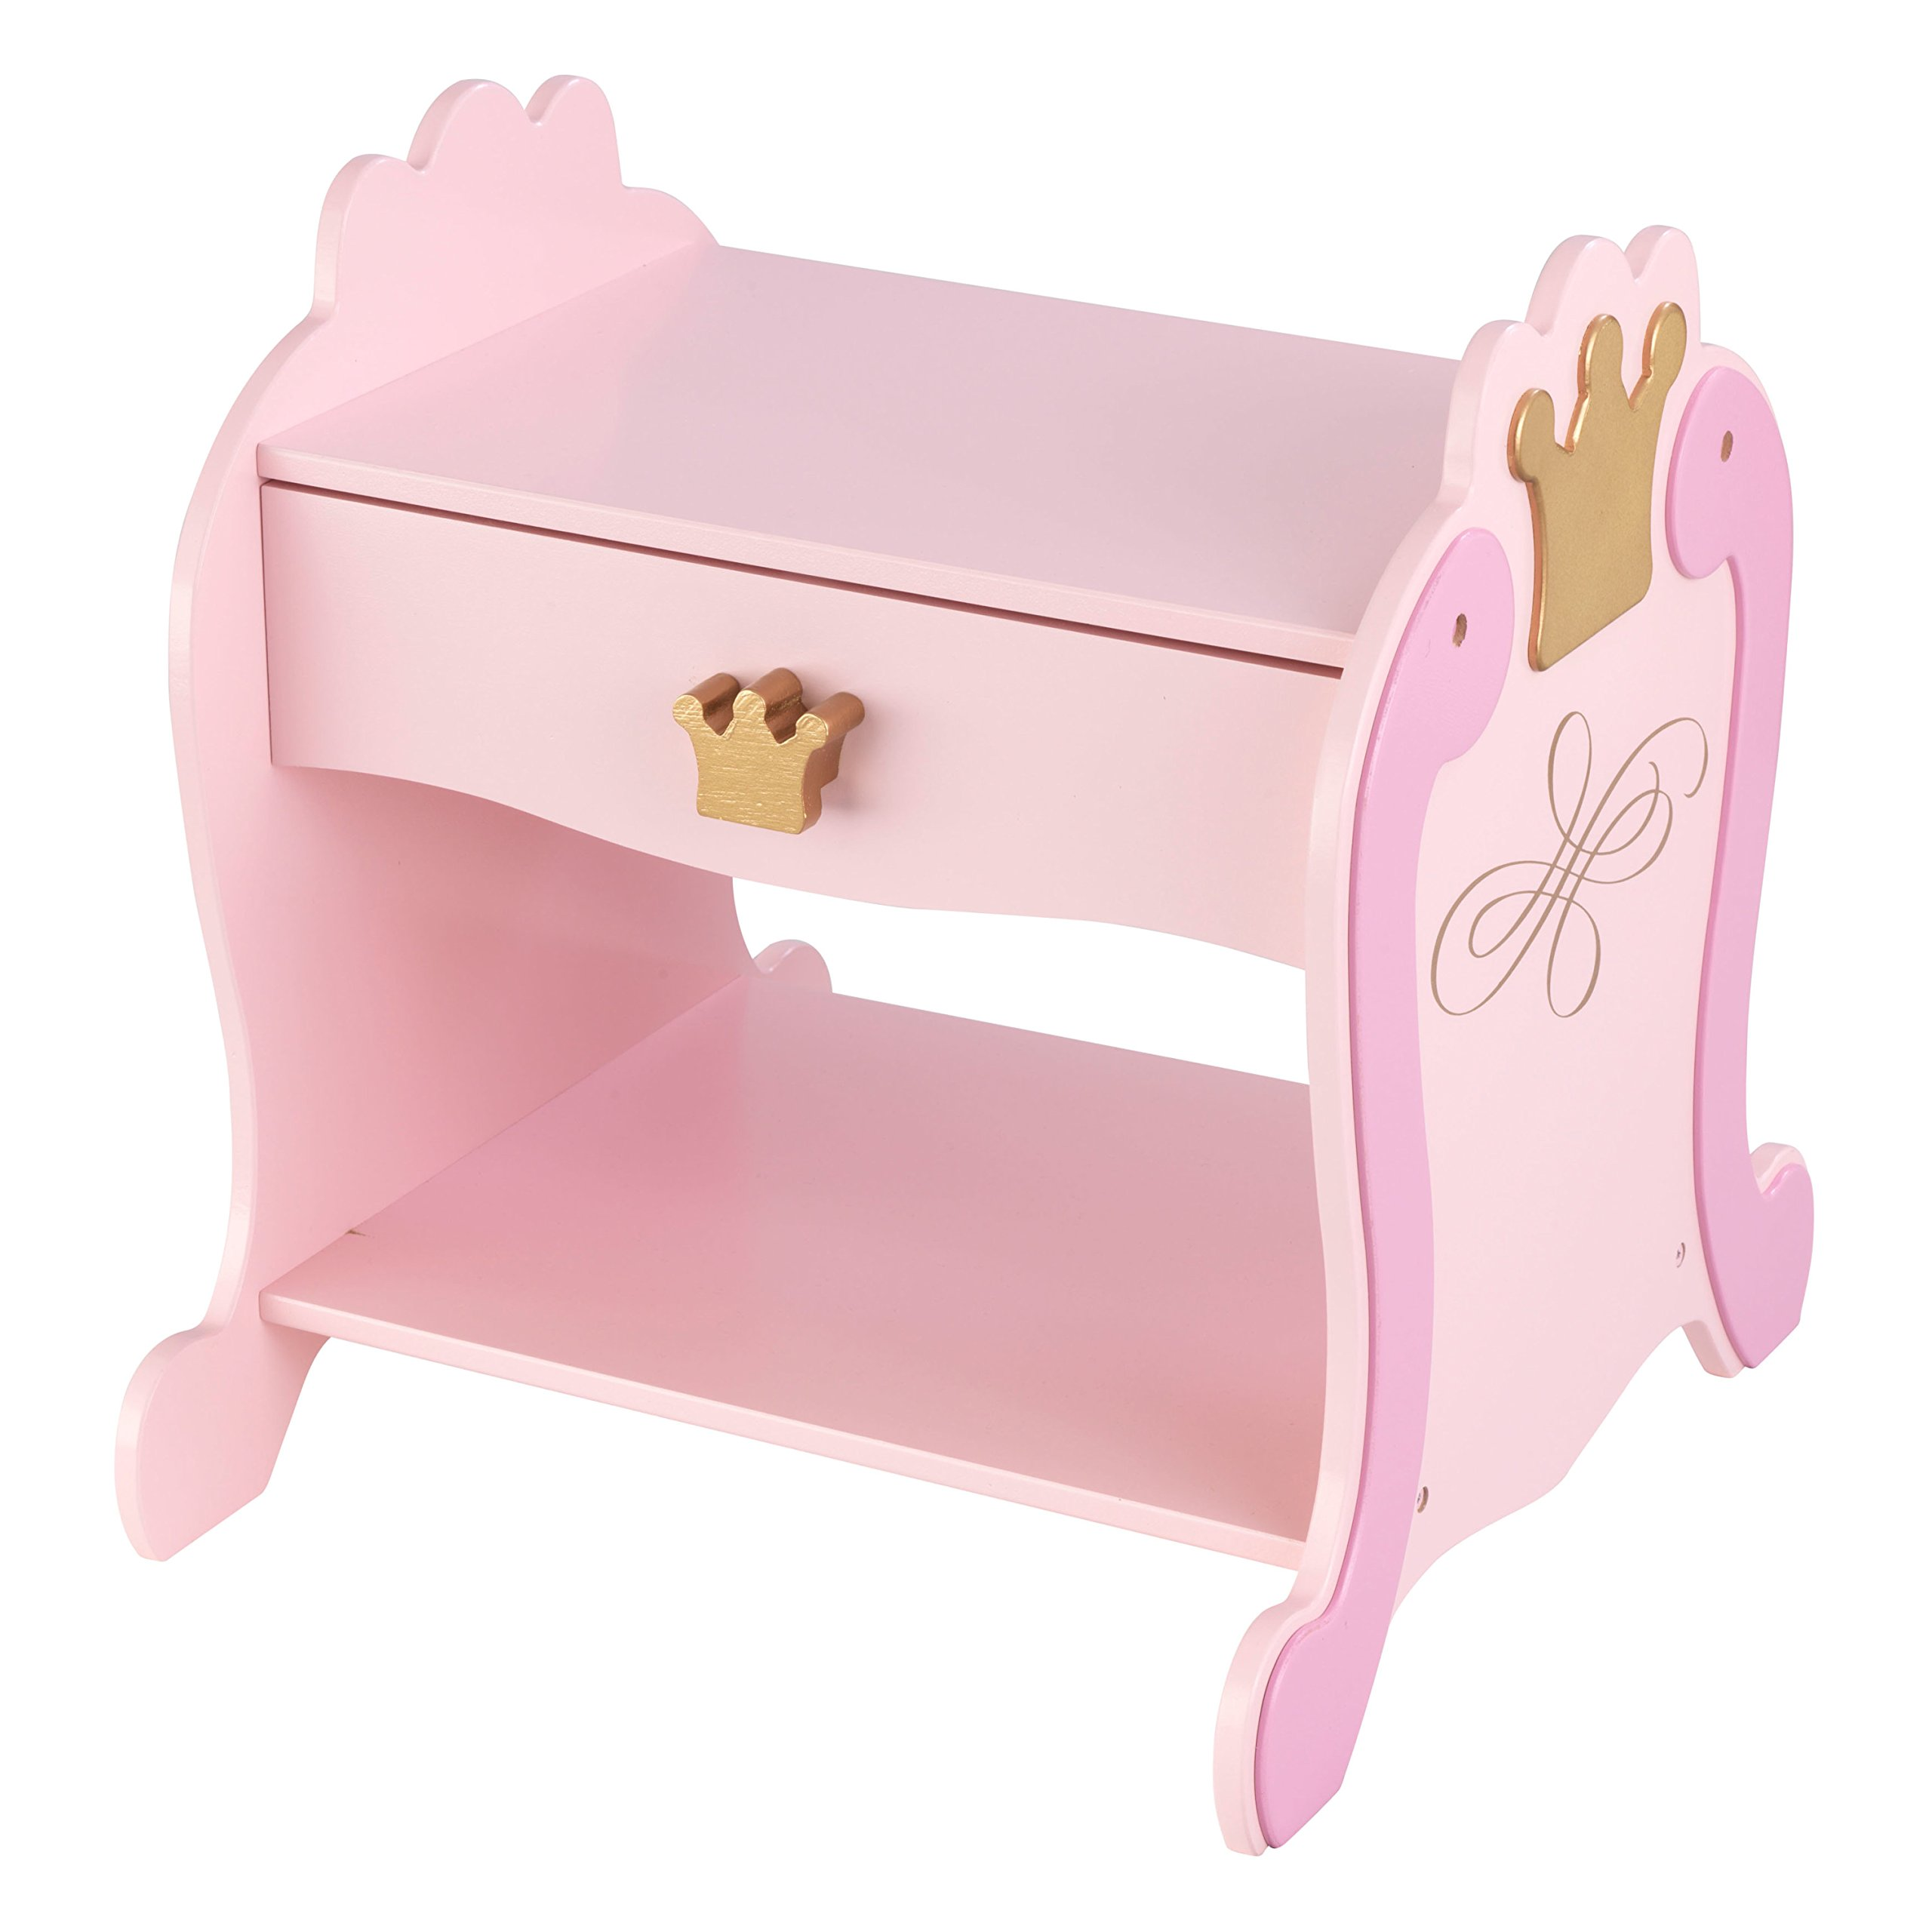 KidKraft Princess Toddler Table by KidKraft (Image #2)